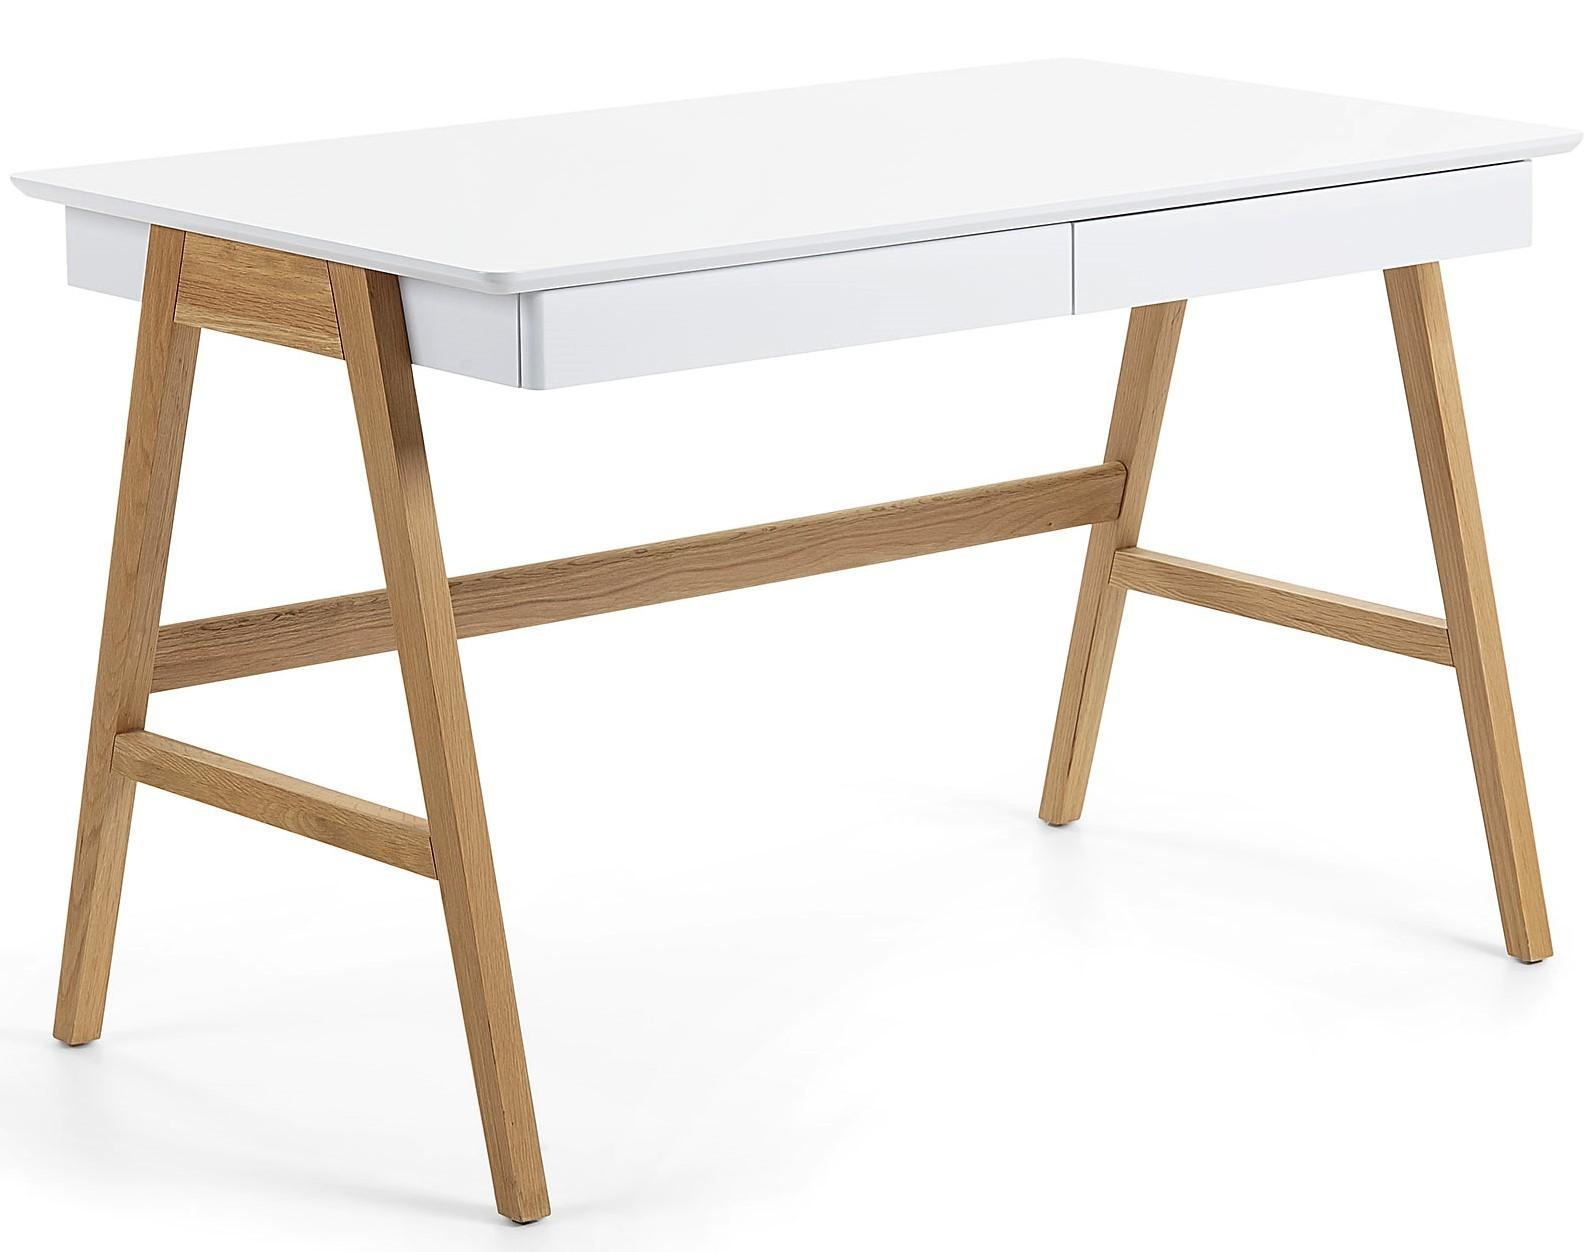 Scrivania In Legno Chiaro : Corin tavolo scrivania con cassetti in legno di rovere e laccato